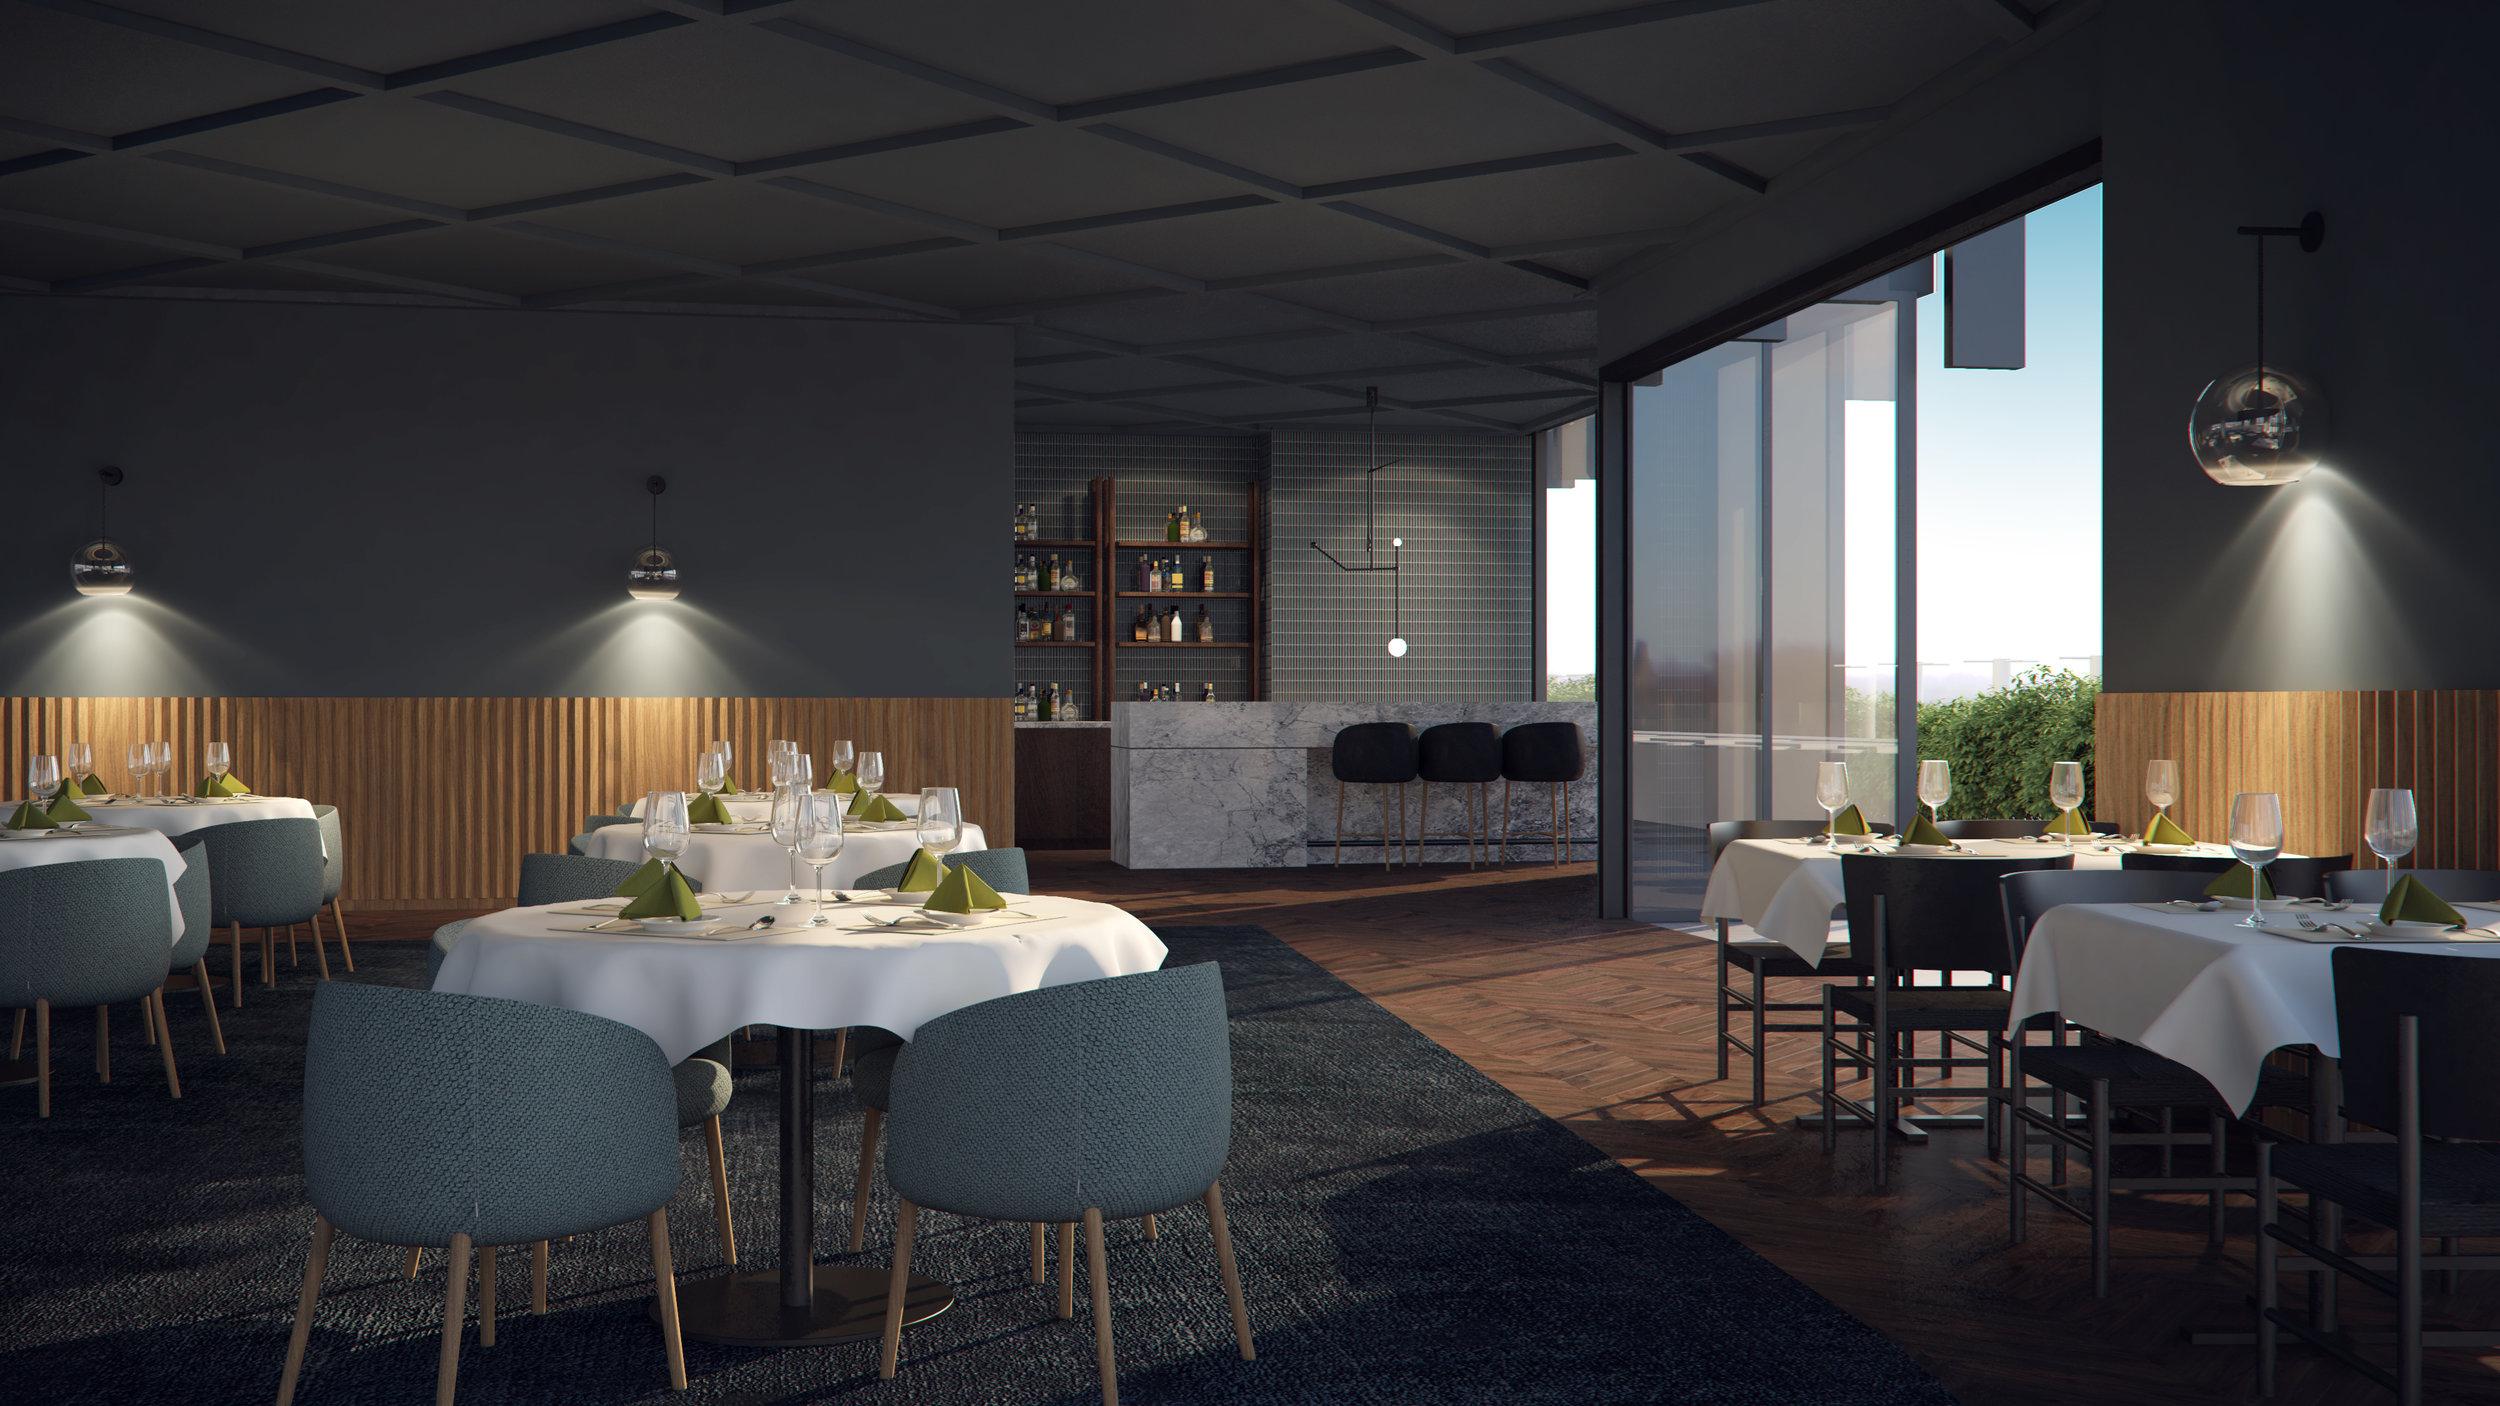 17038-SD_INT_Restaurant Lv5_20180321.jpg